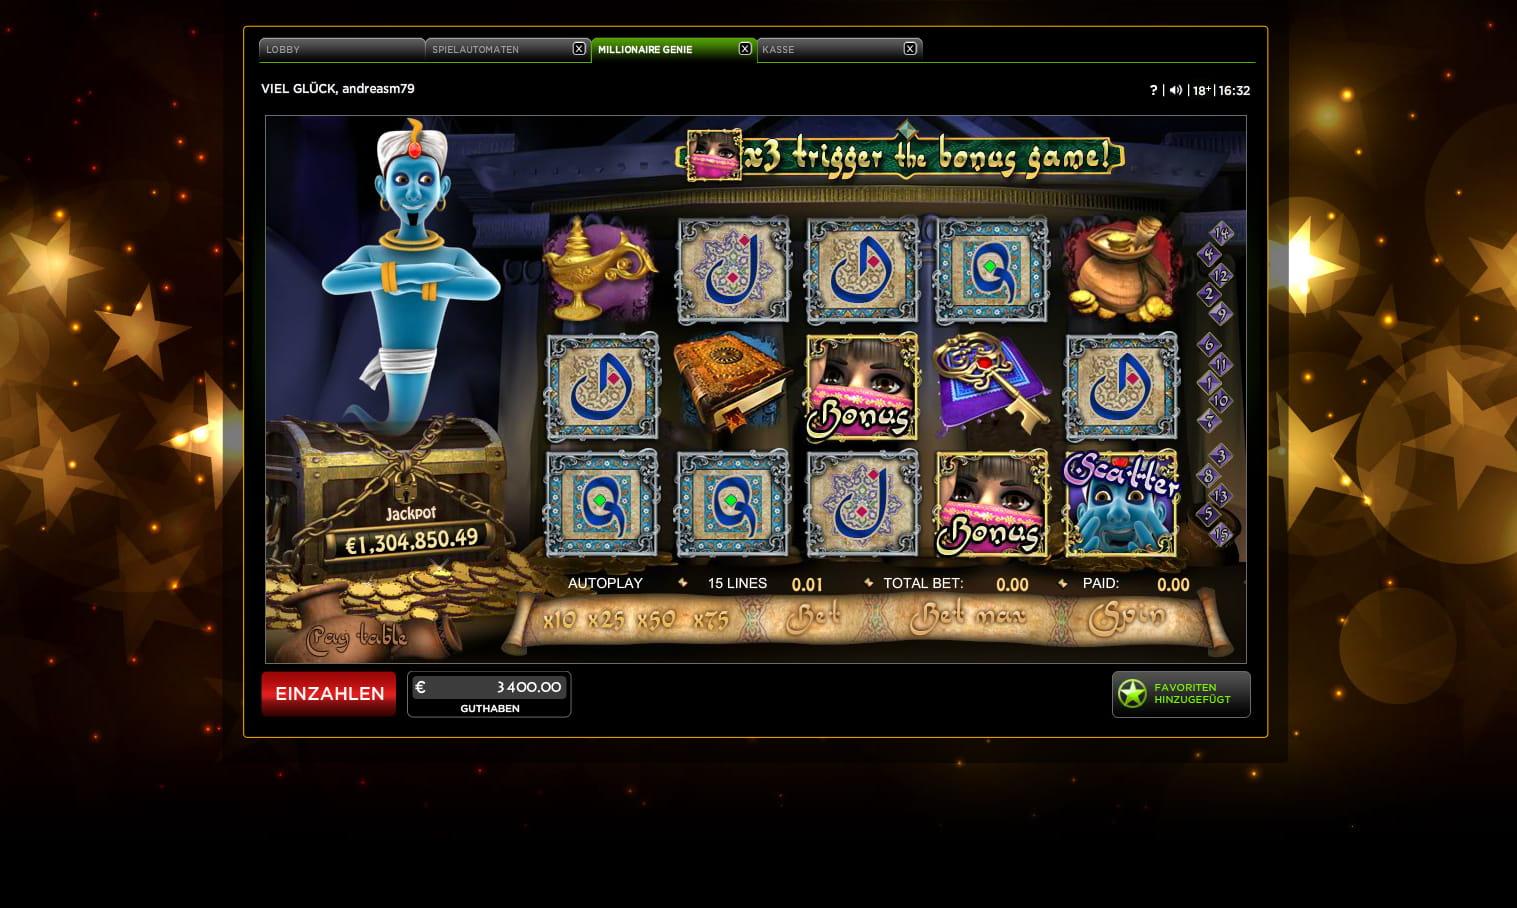 neu für online casinos